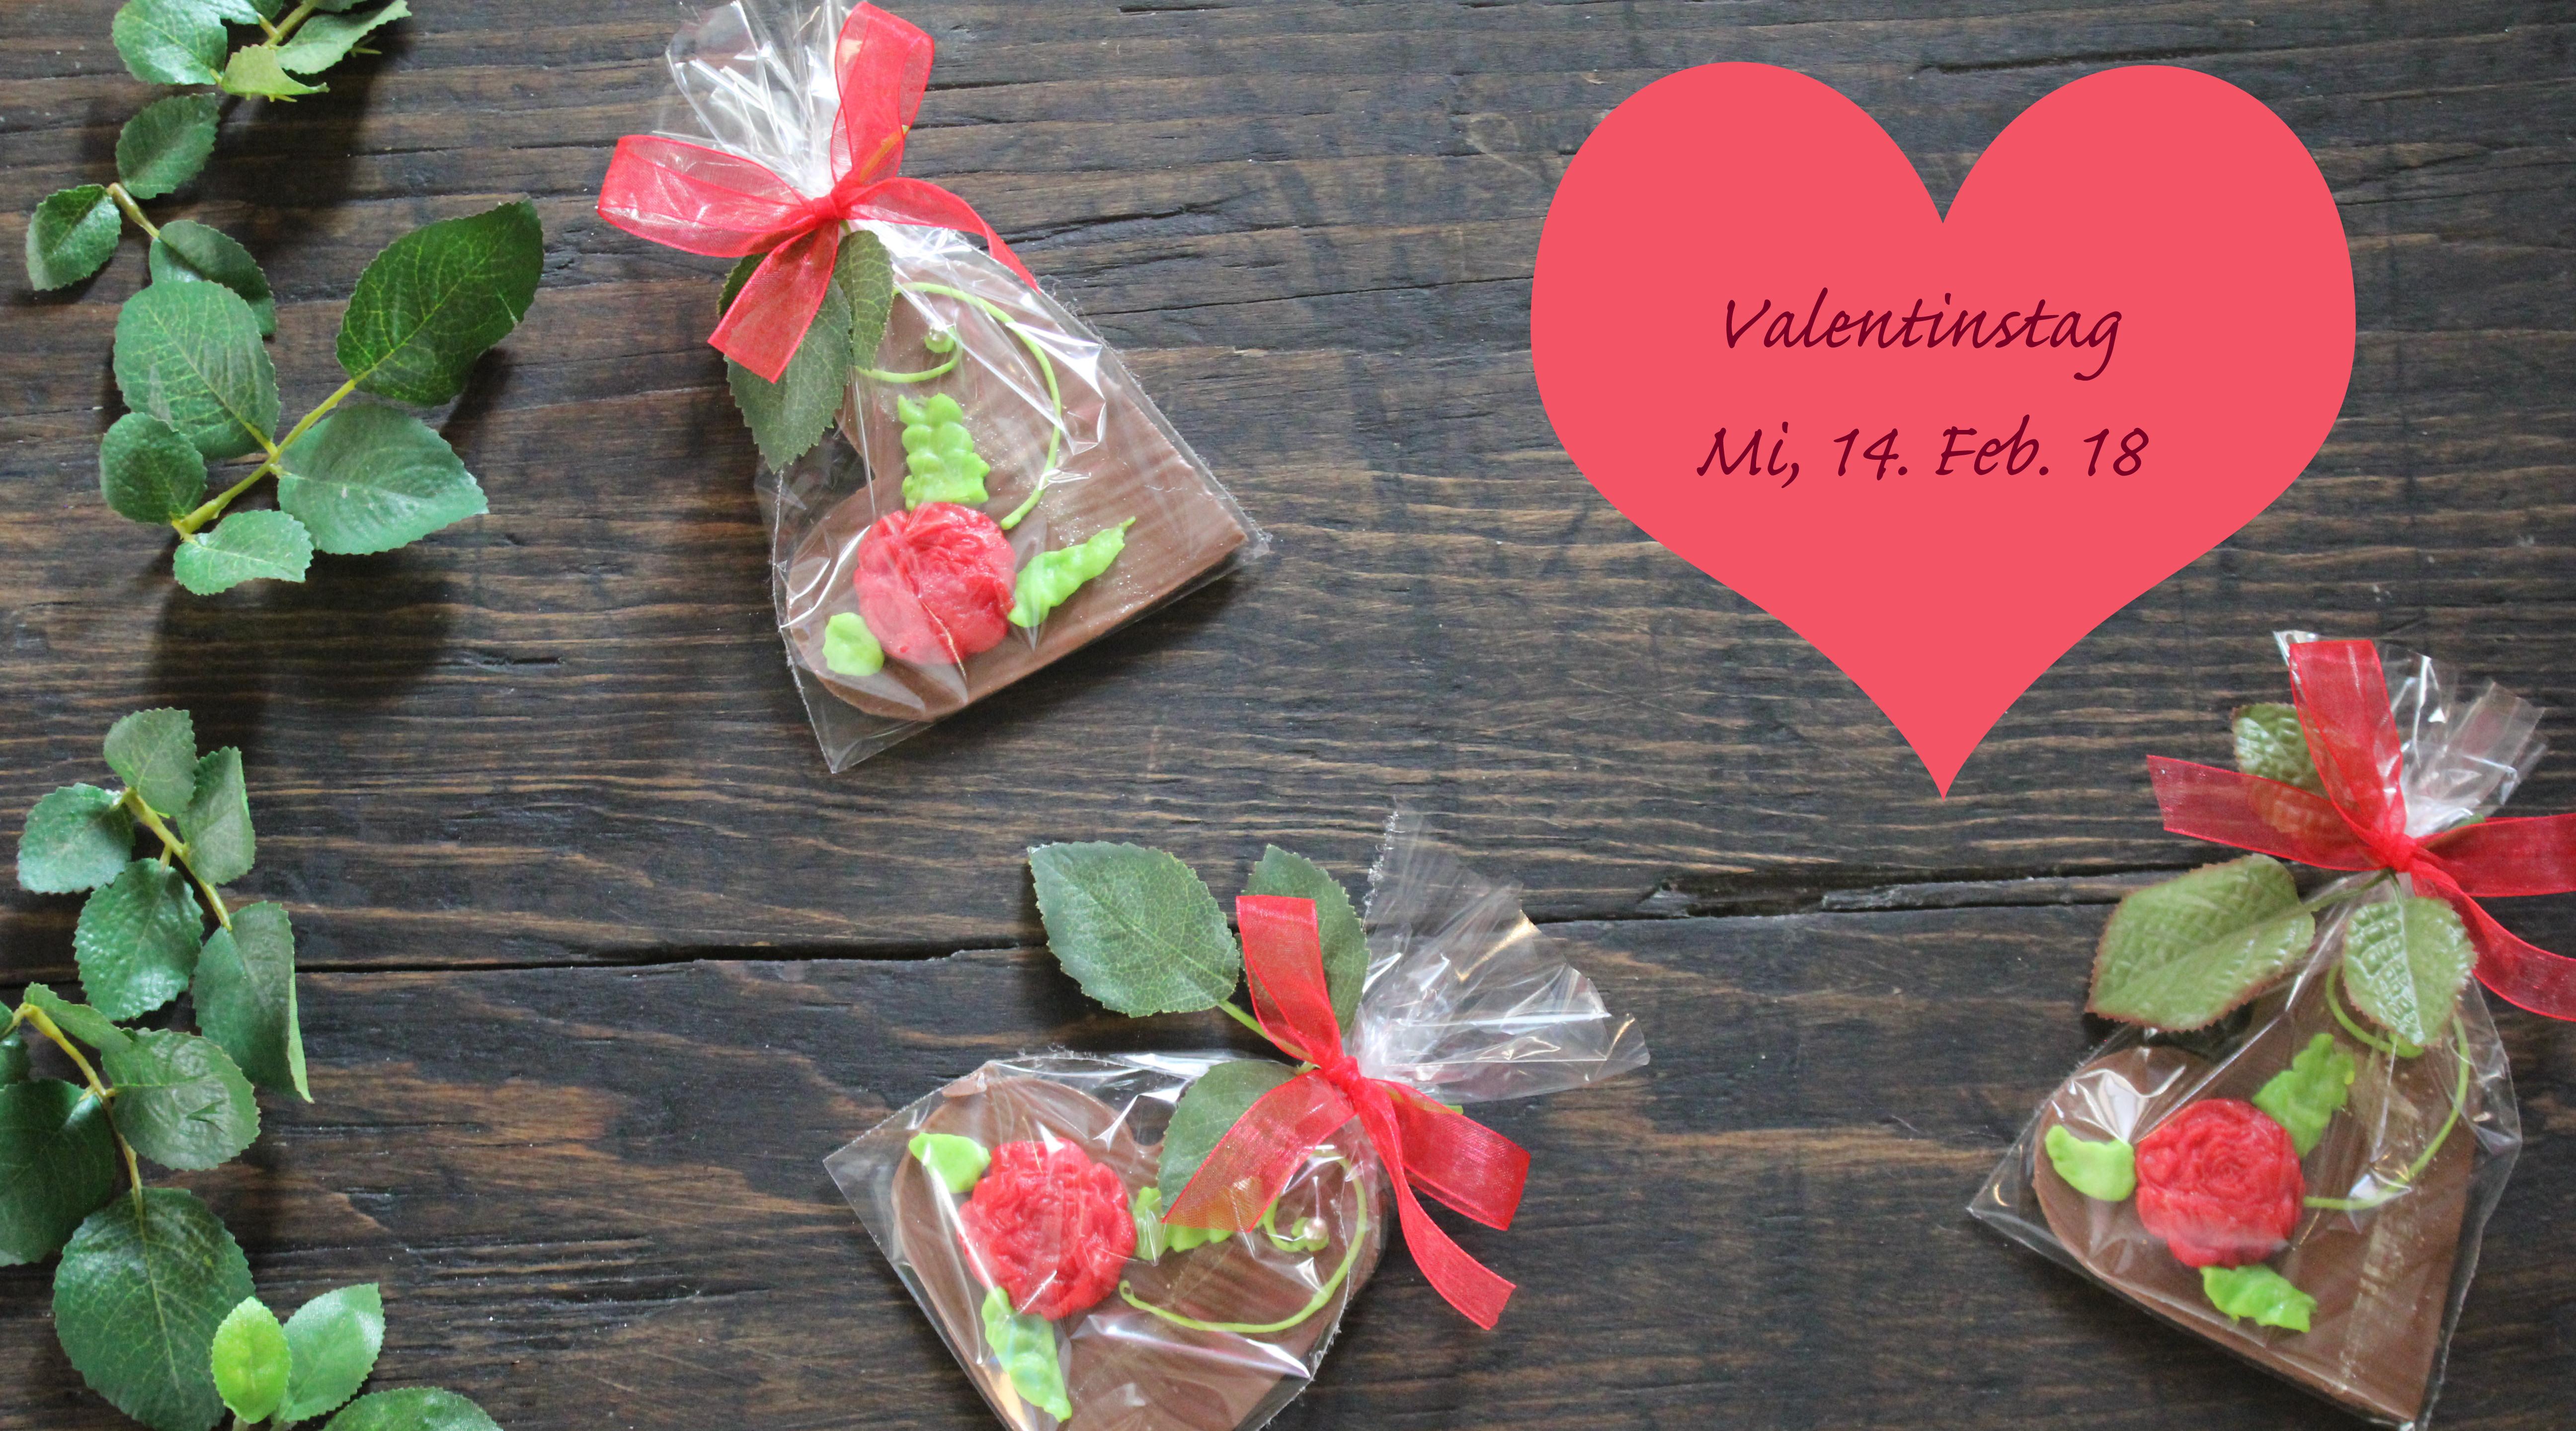 Baeckerei_Buergin_Pralinen_Confiserie_Valentinstag